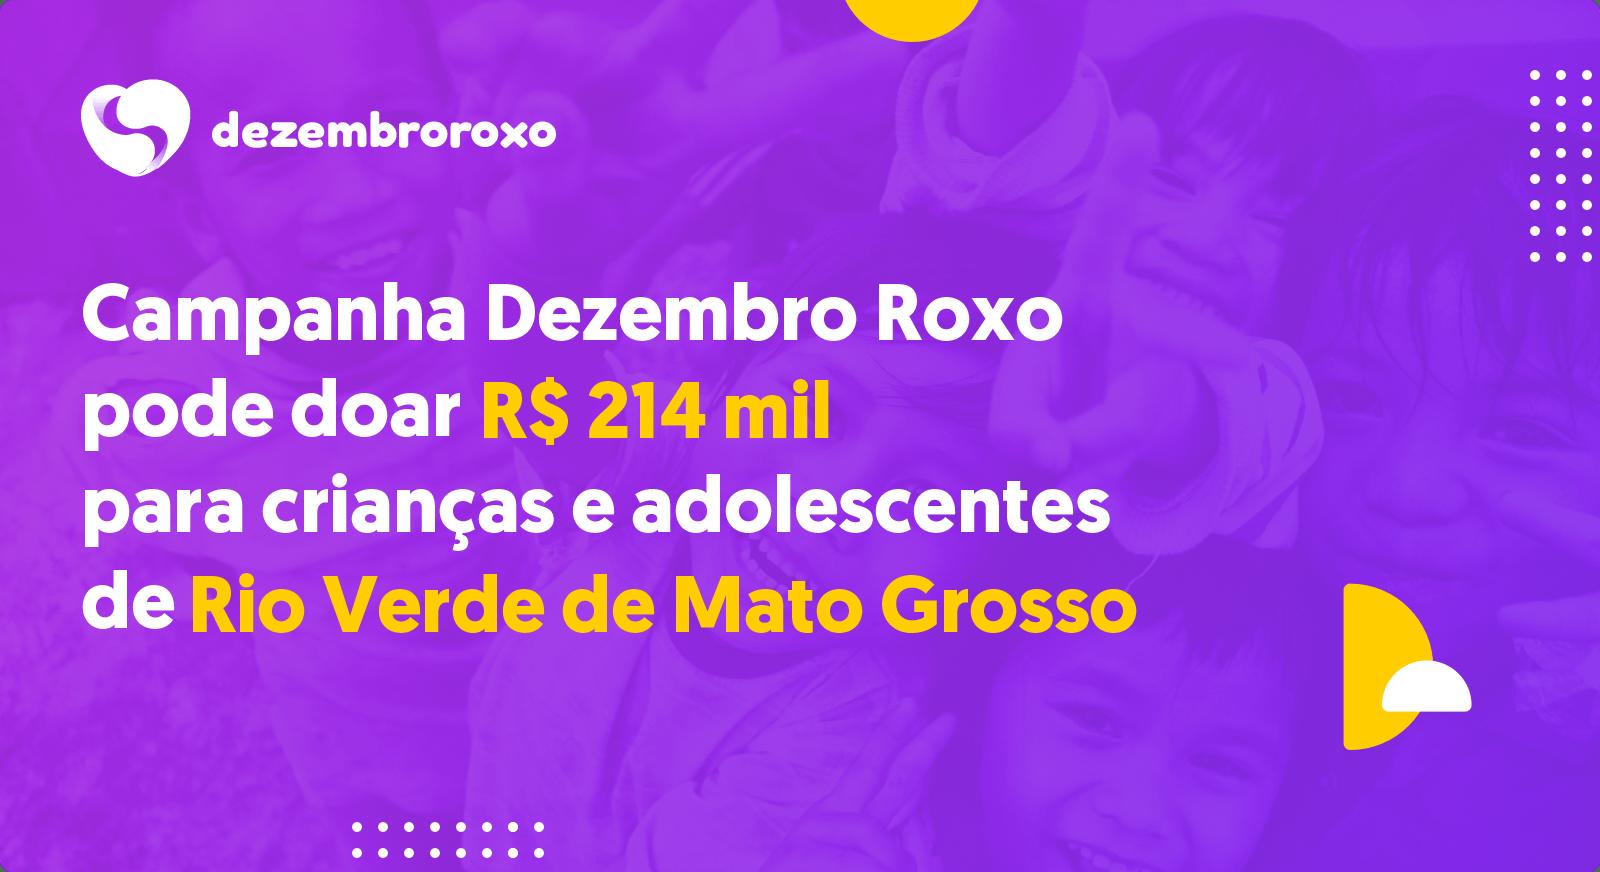 Doações em Rio Verde de Mato Grosso - MS